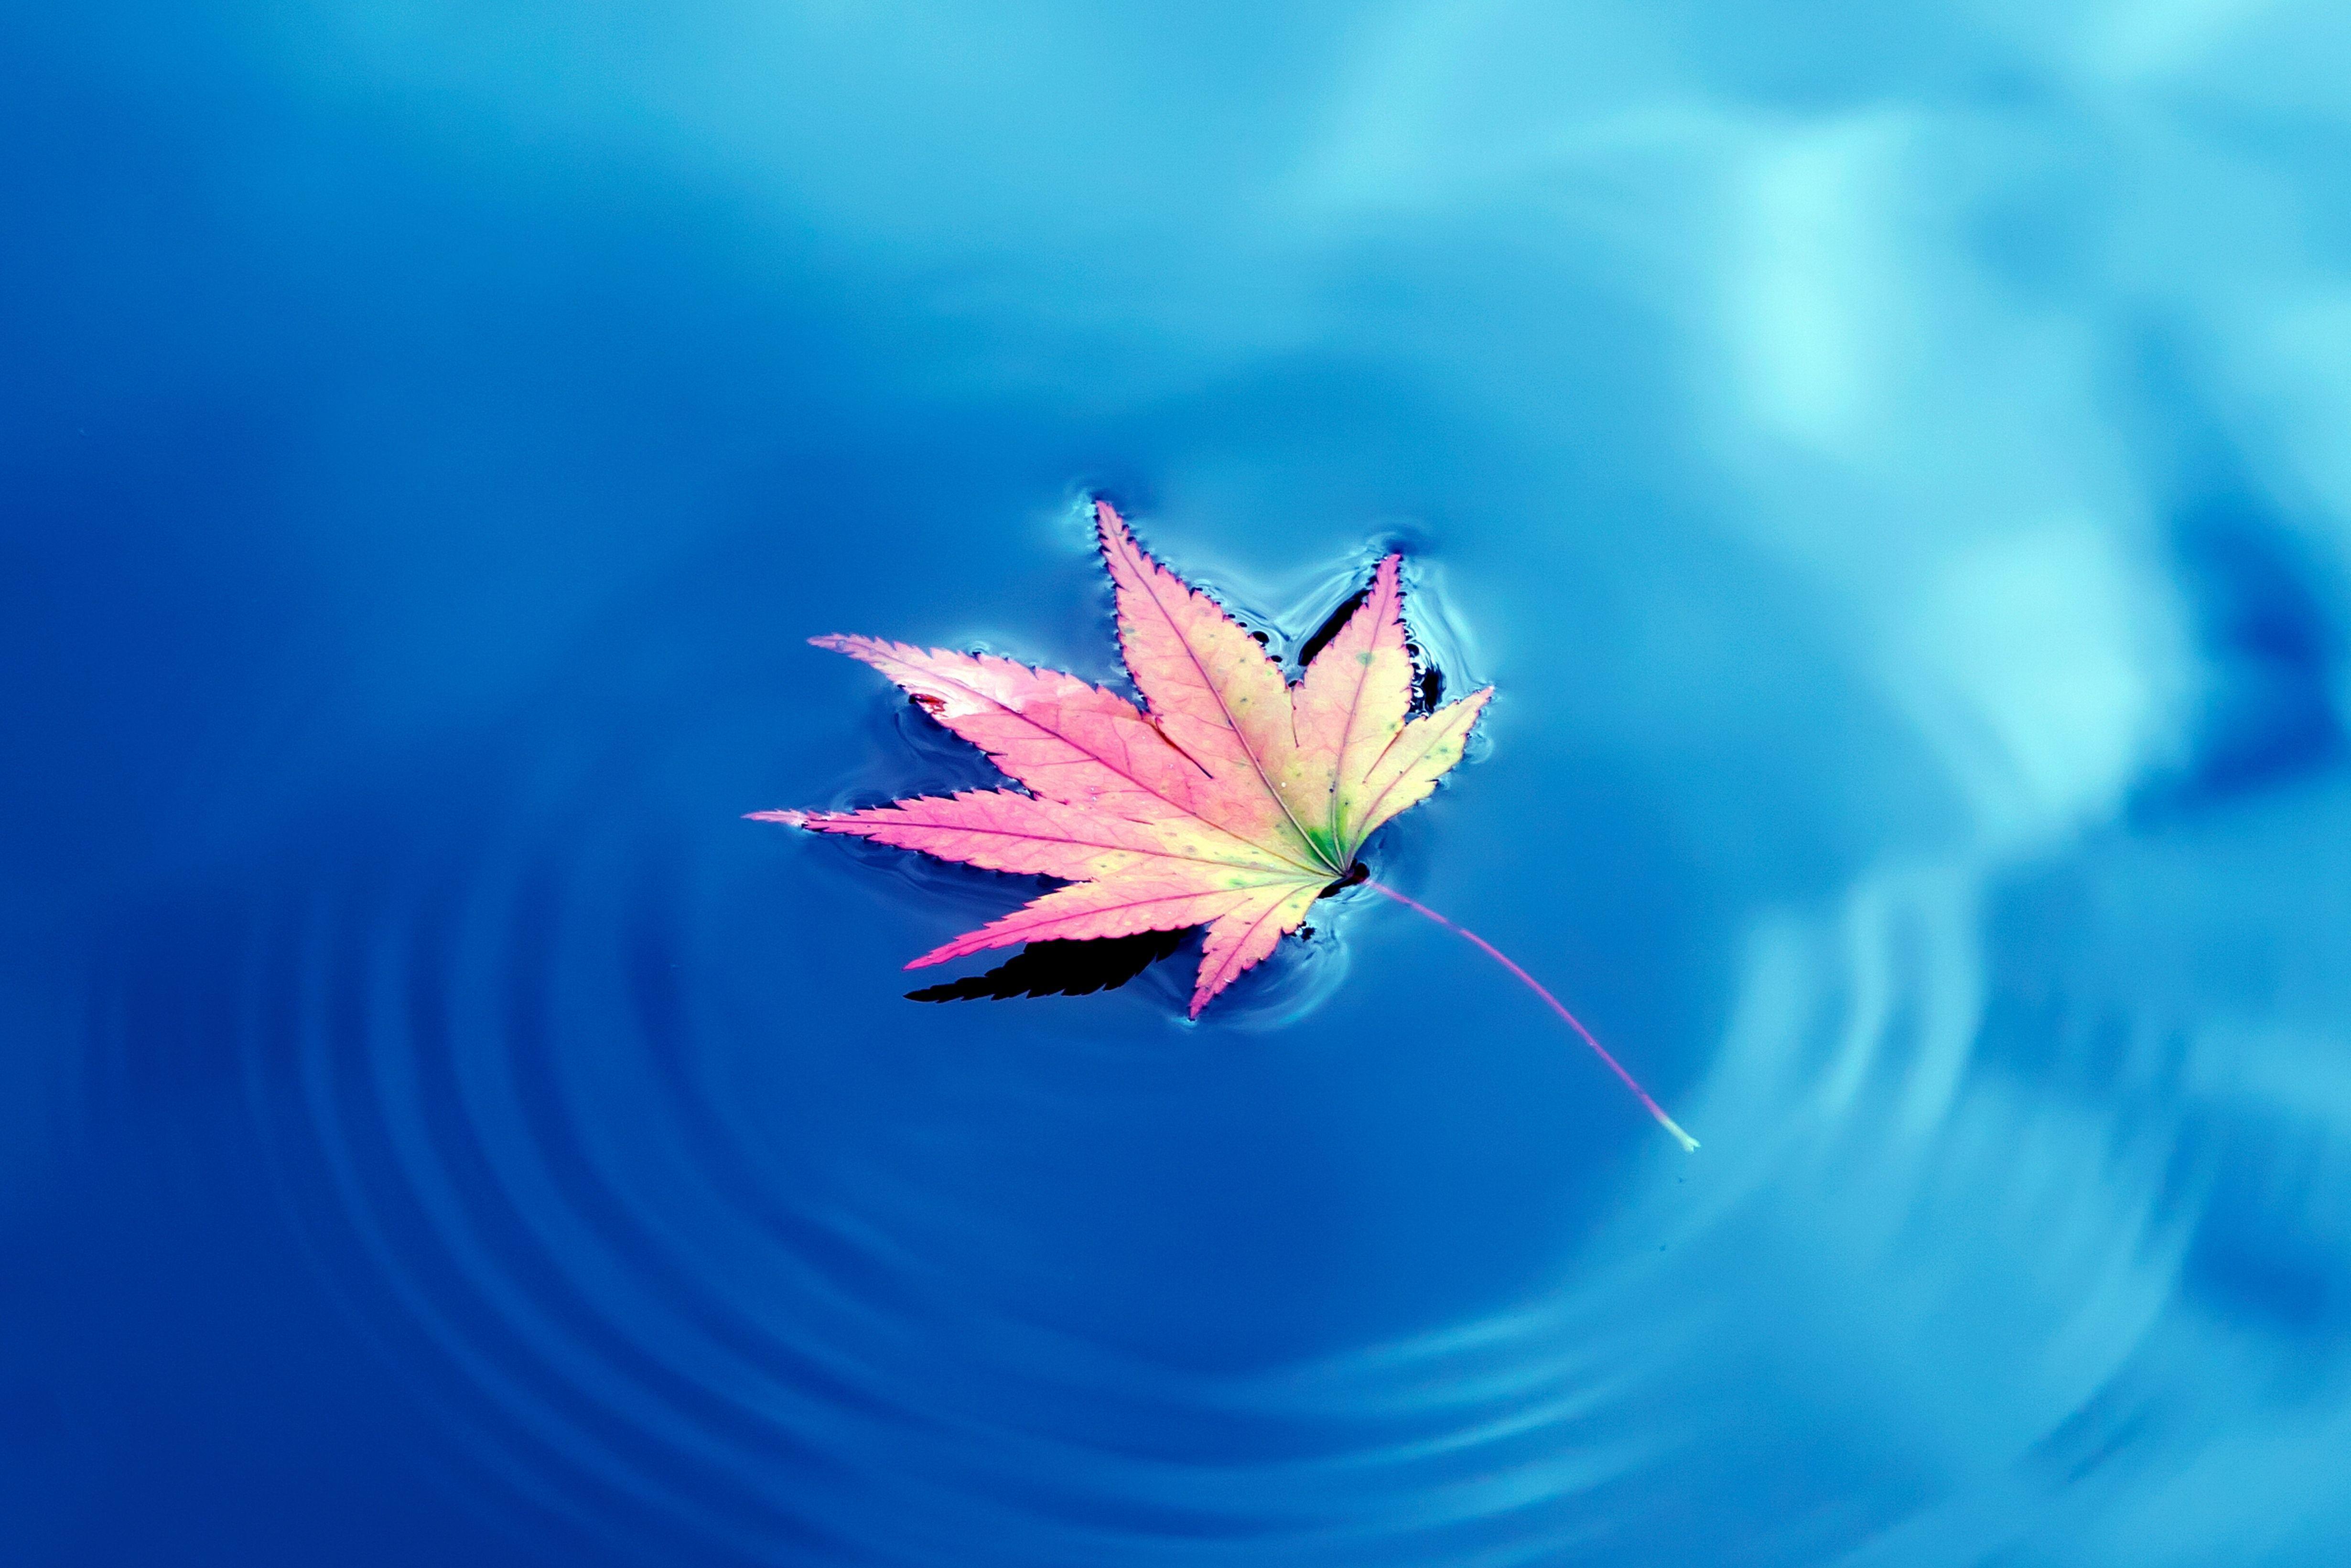 Кленовый лист лист вода на воде загрузить